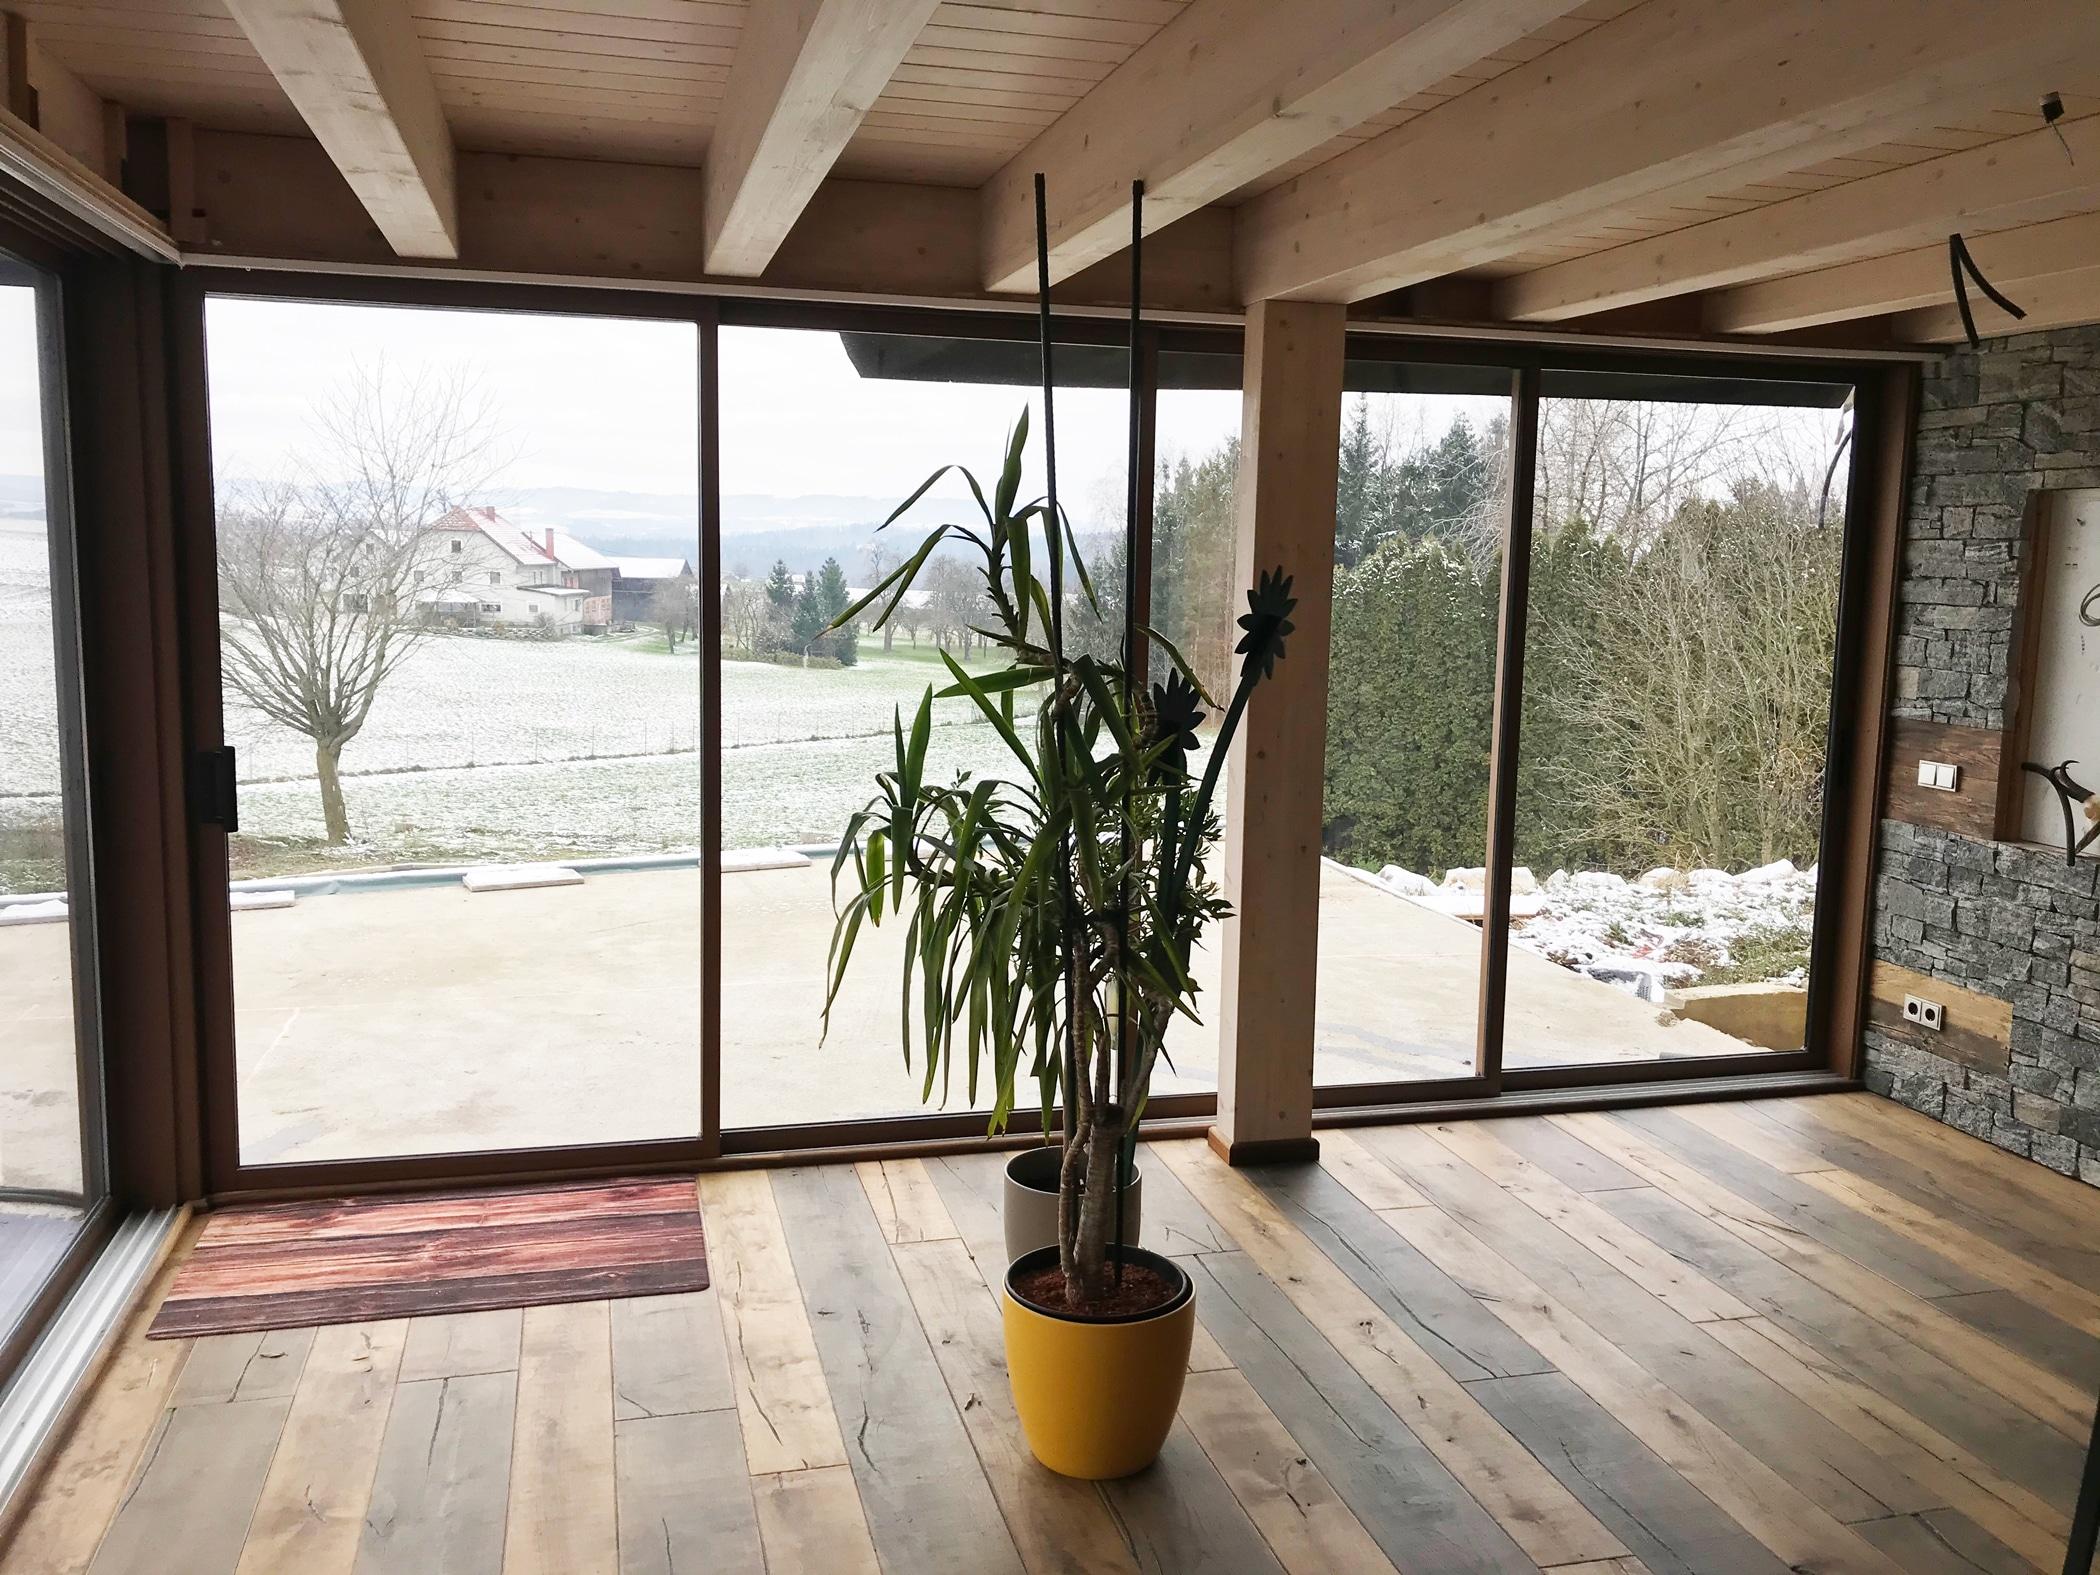 Terrassenverglasungen zum Schieben mit gerahmten Systemen